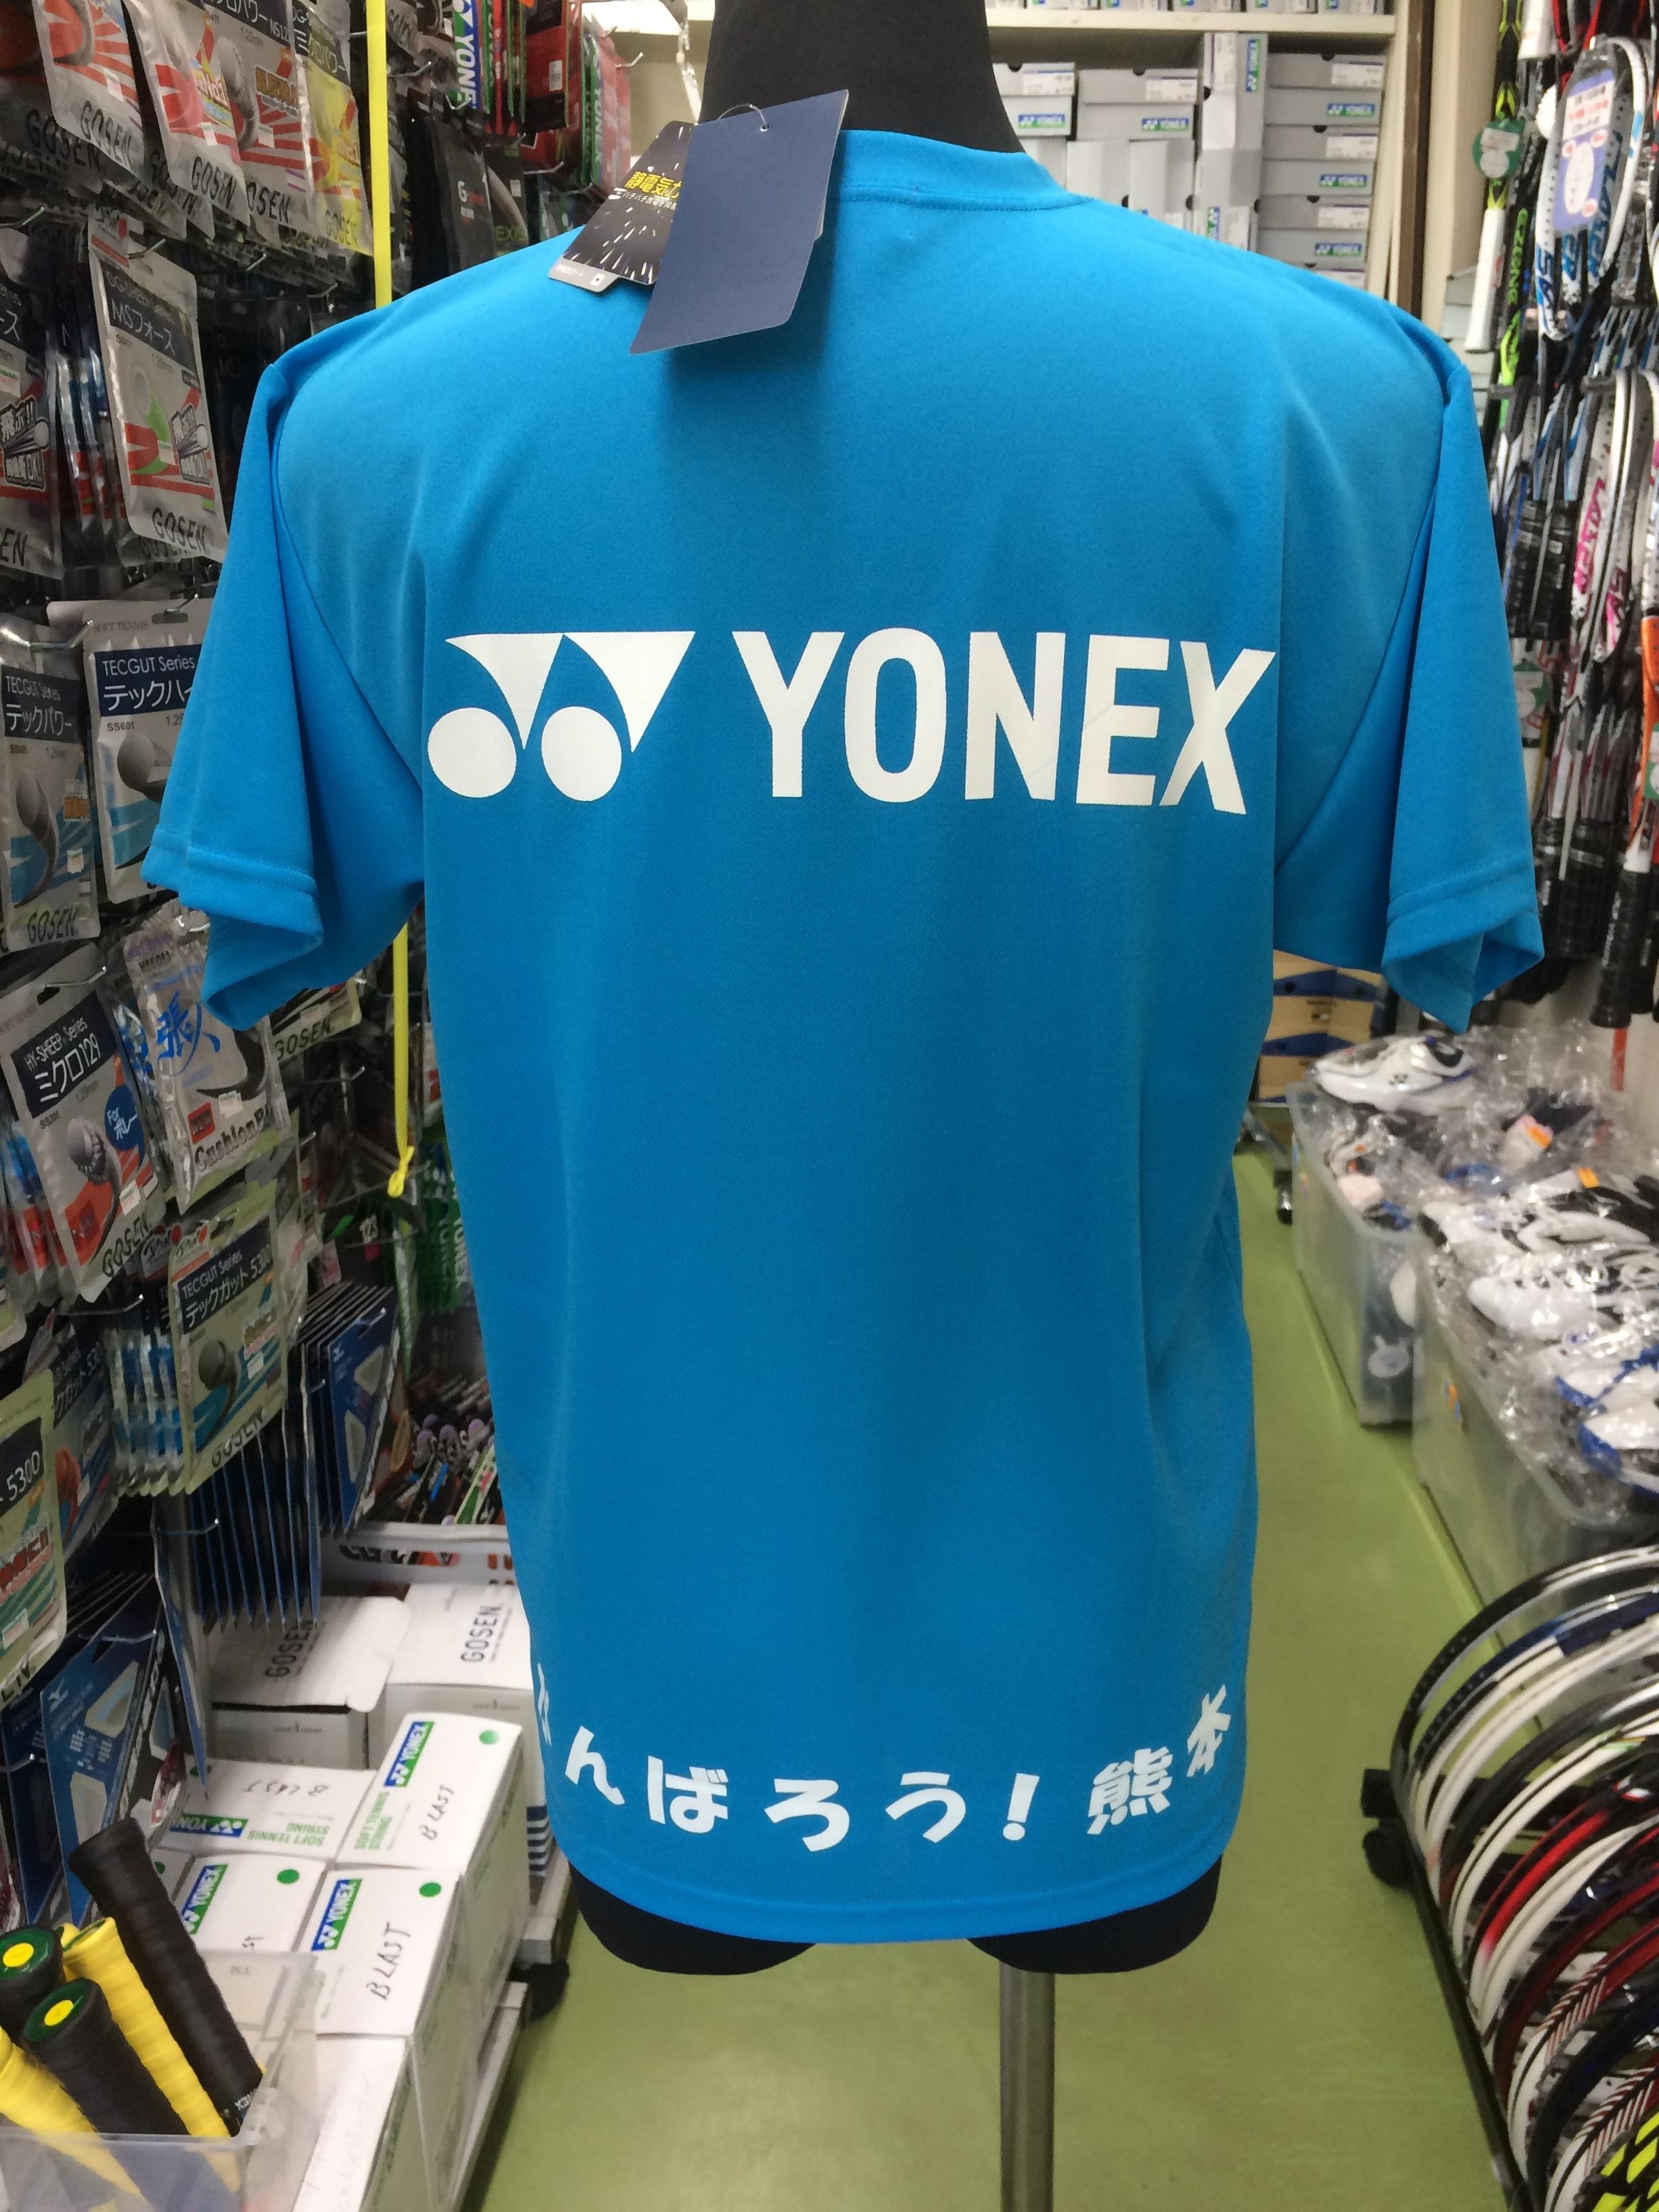 ヨネックス ユニドライTシャツ YOB16347 - 画像2